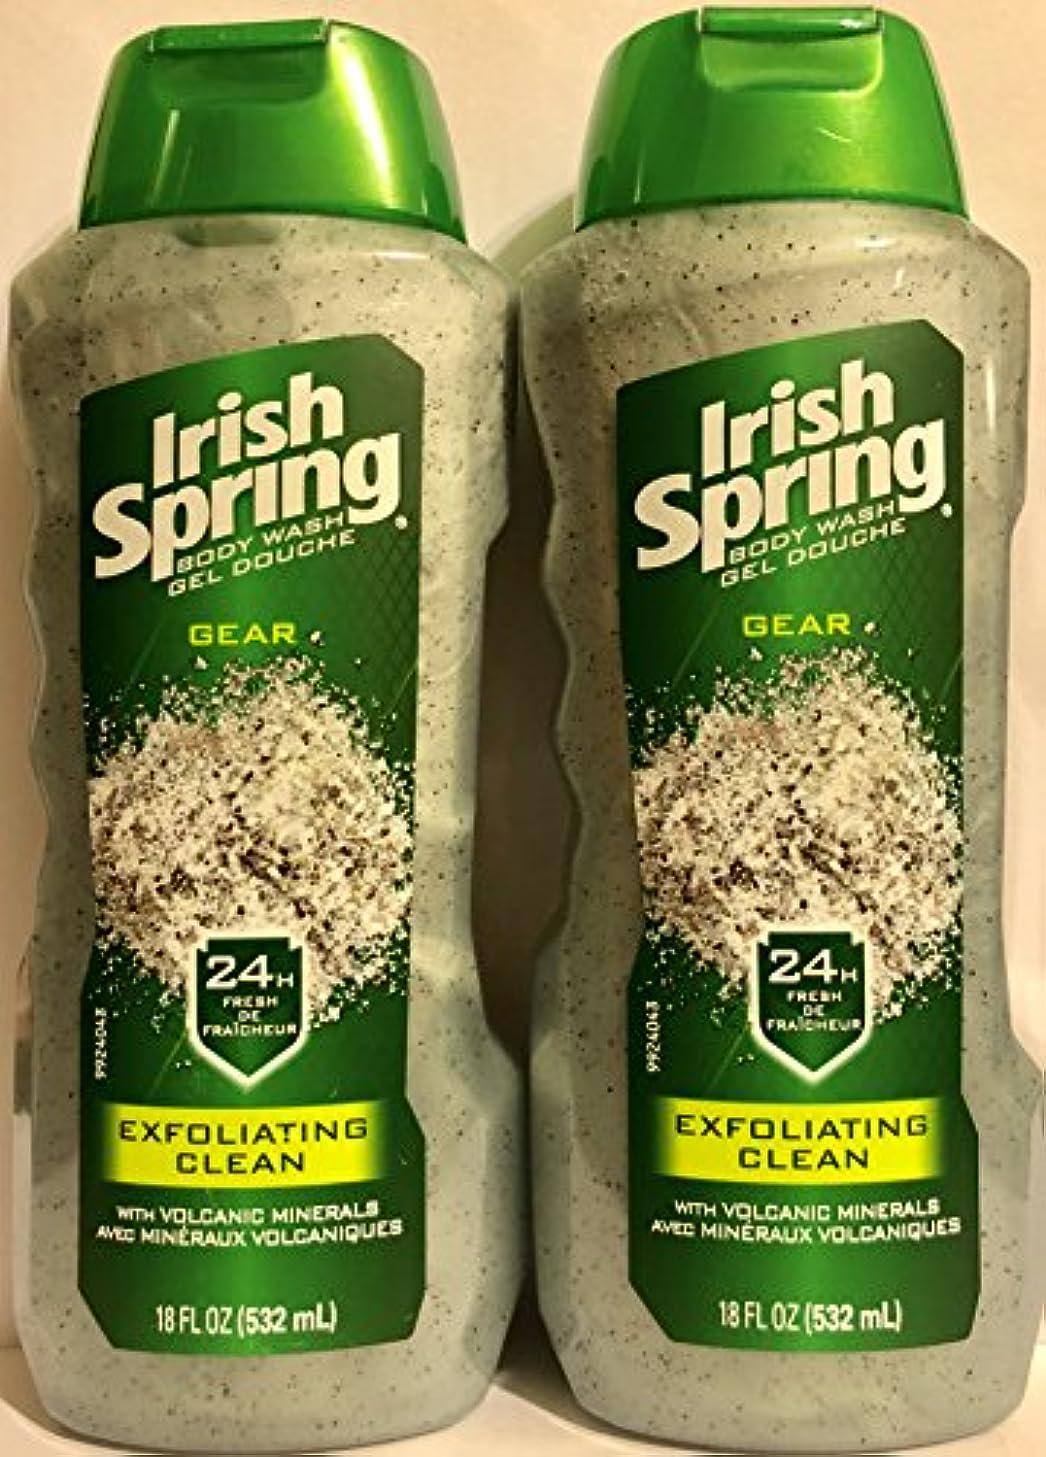 人種タービンライブIrish Spring ギアボディウォッシュ - エクスフォリエイティングクリーン - 火山ミネラルを - ネット重量。ボトルパー18液量オンス(532 ml)を - 2本のボトルのパック